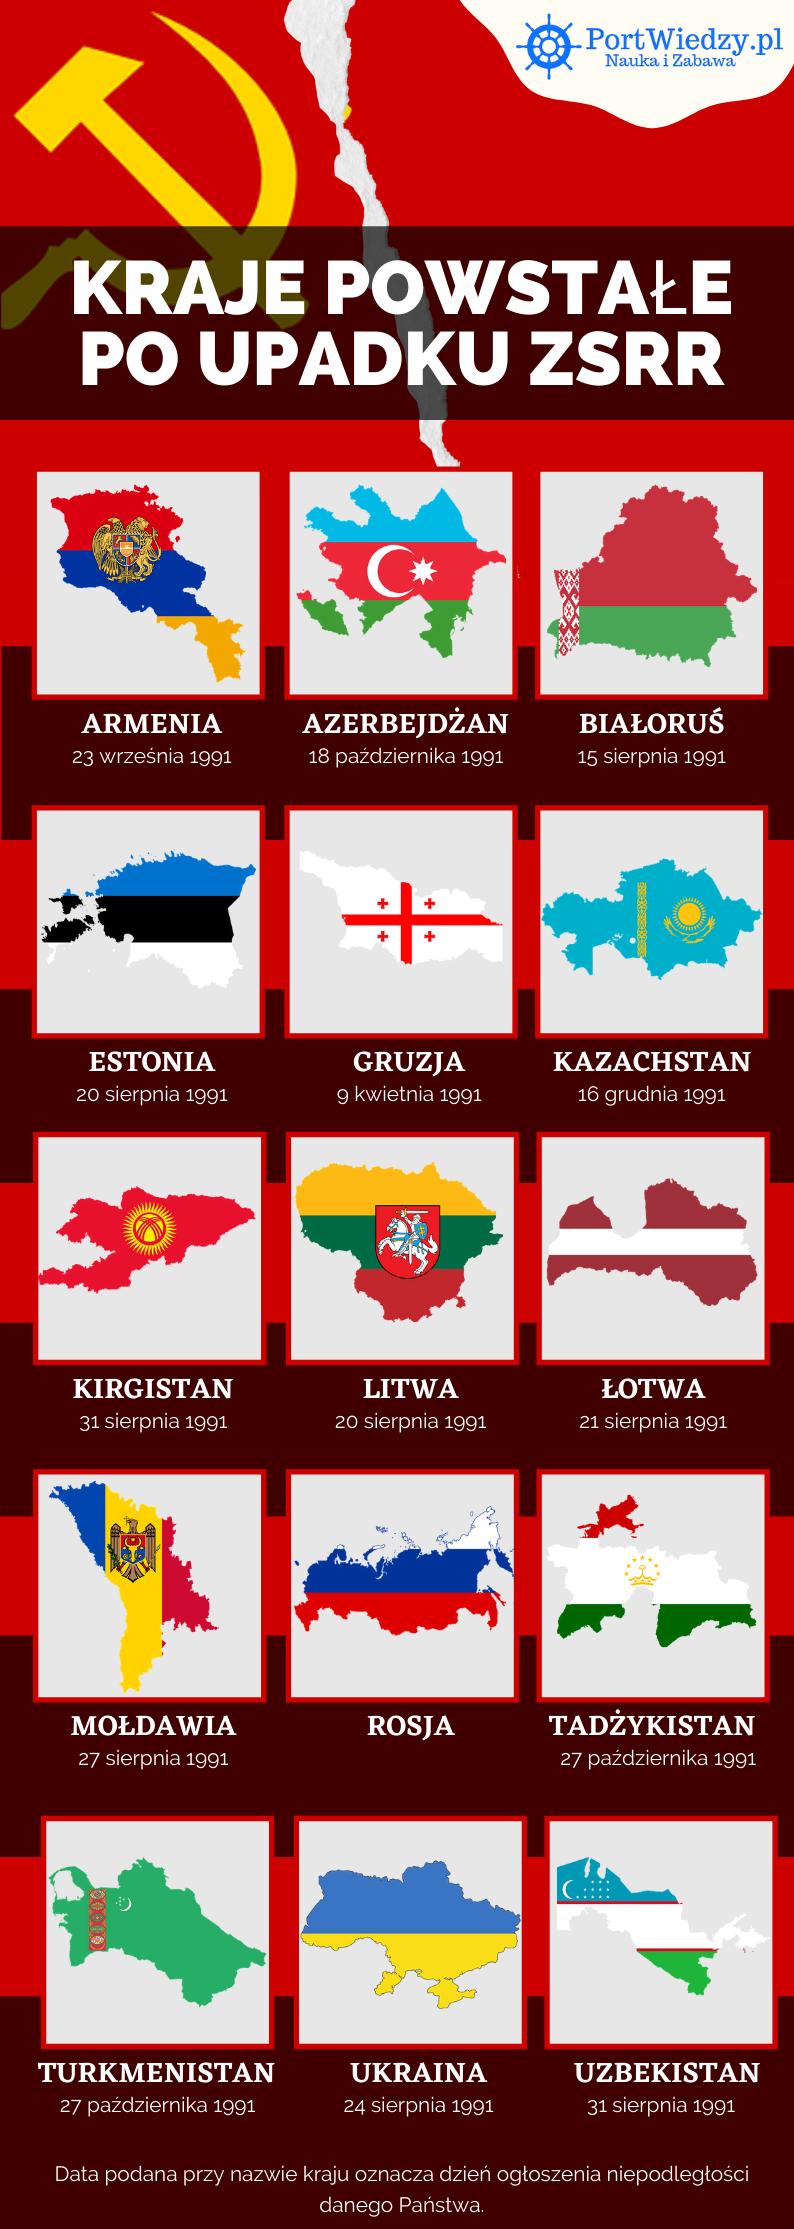 rozpad zsrr infografika - Państwa powstałe w wyniku rozpadu ZSRR